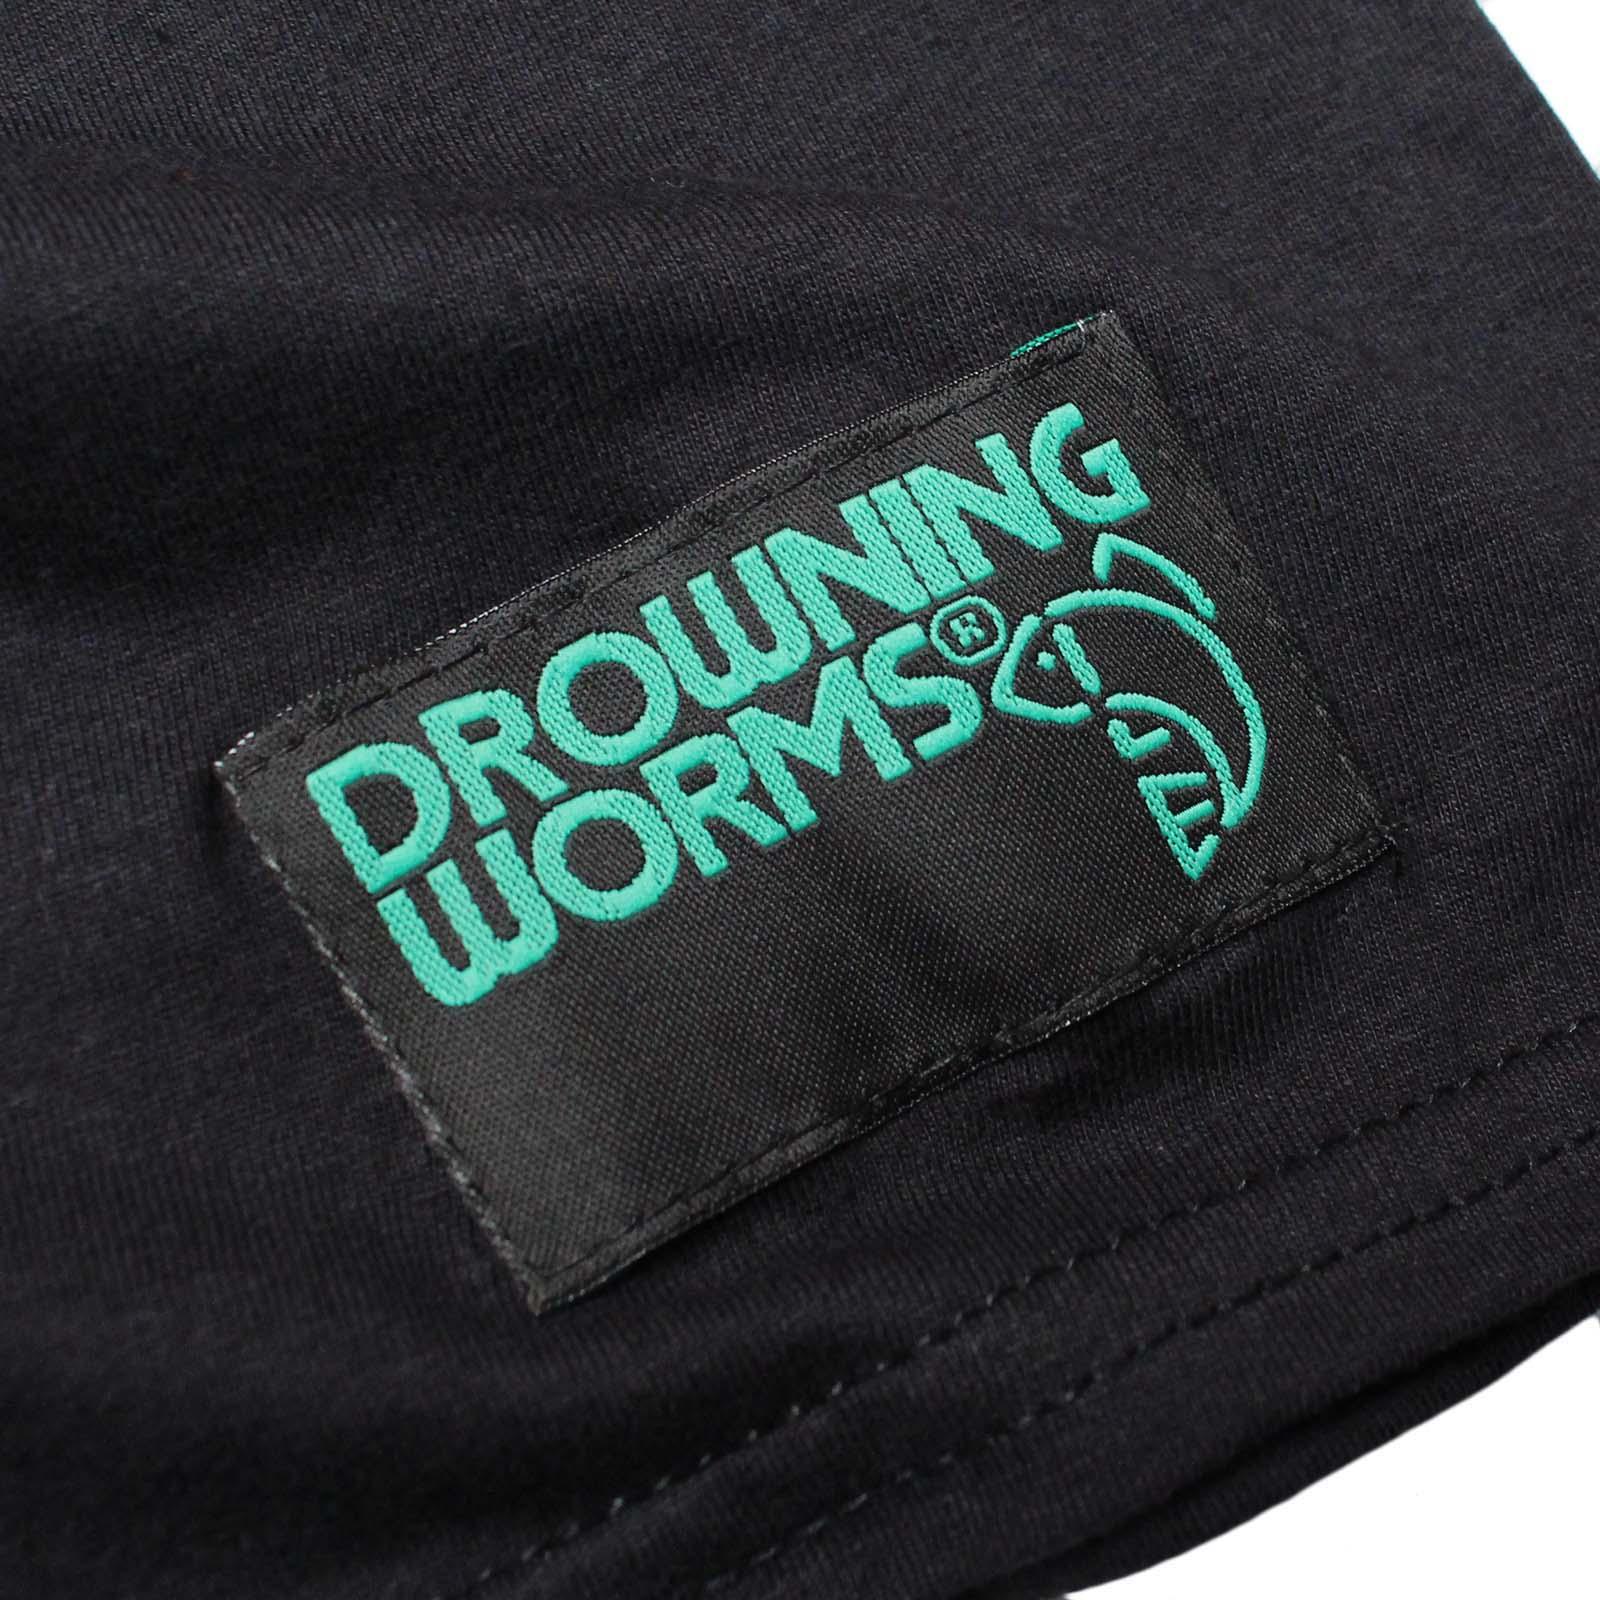 Mulinello da pesca Tee Donna Ragazze come BIG BACCHETTE Pesce Rod Divertente Compleanno T-shirt